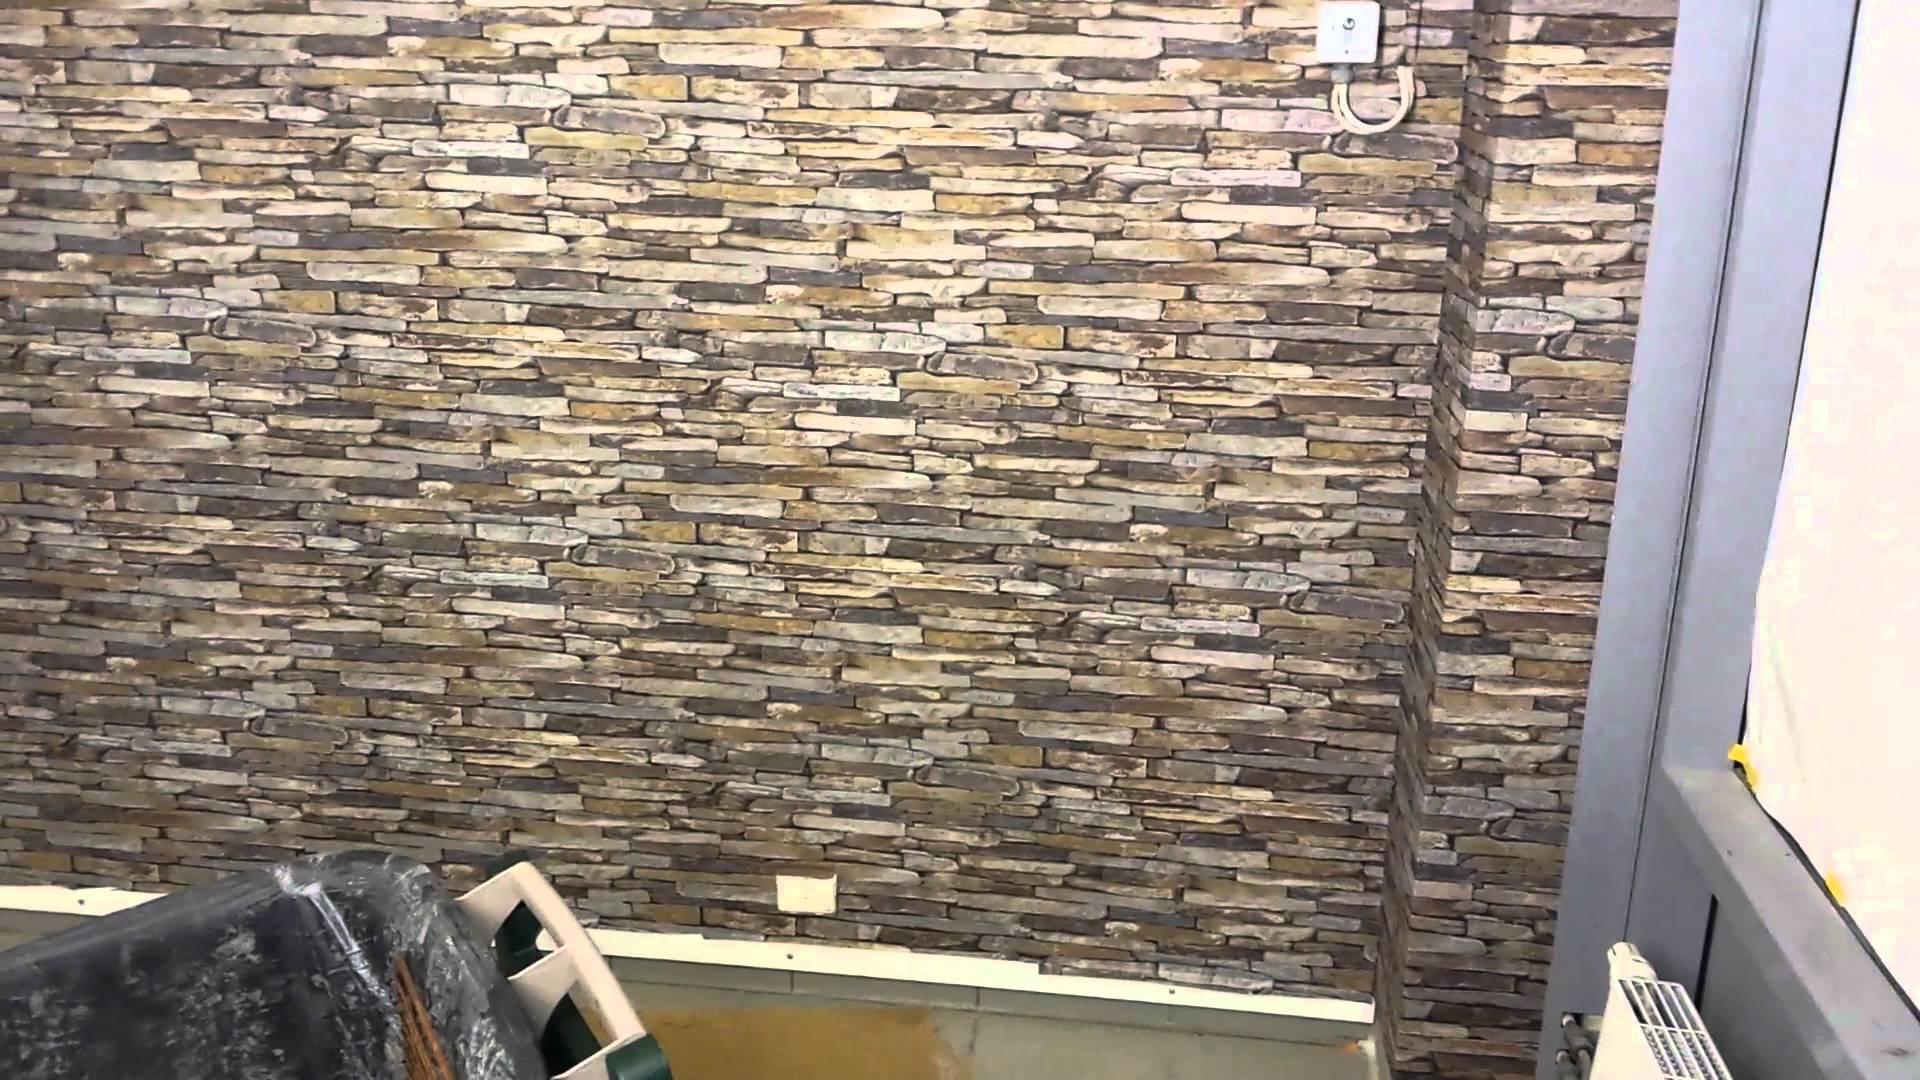 صورة ورق جدران ثلاثي الابعاد , احدث الصور لورق الجدران الثلاثي الابعاد 2860 8